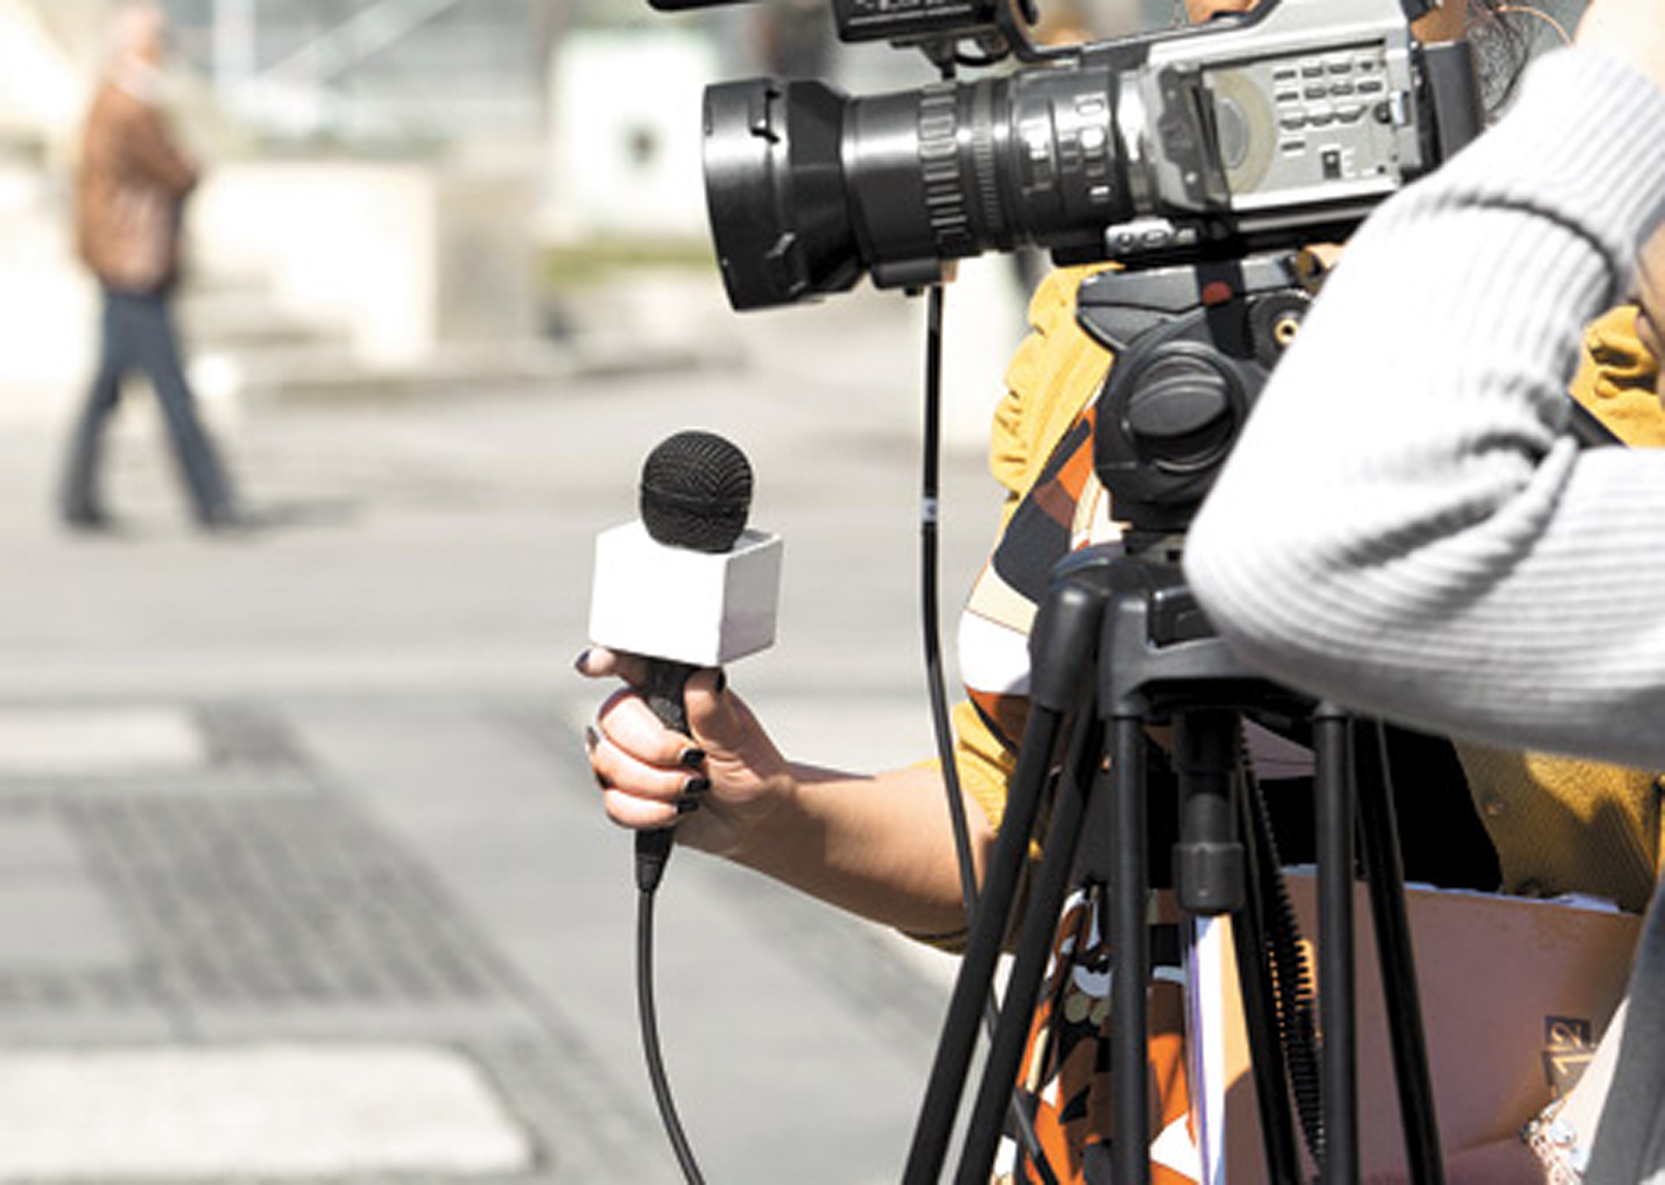 Las periodistas tienen doble de posibilidades de sufrir violencia, según CIDH